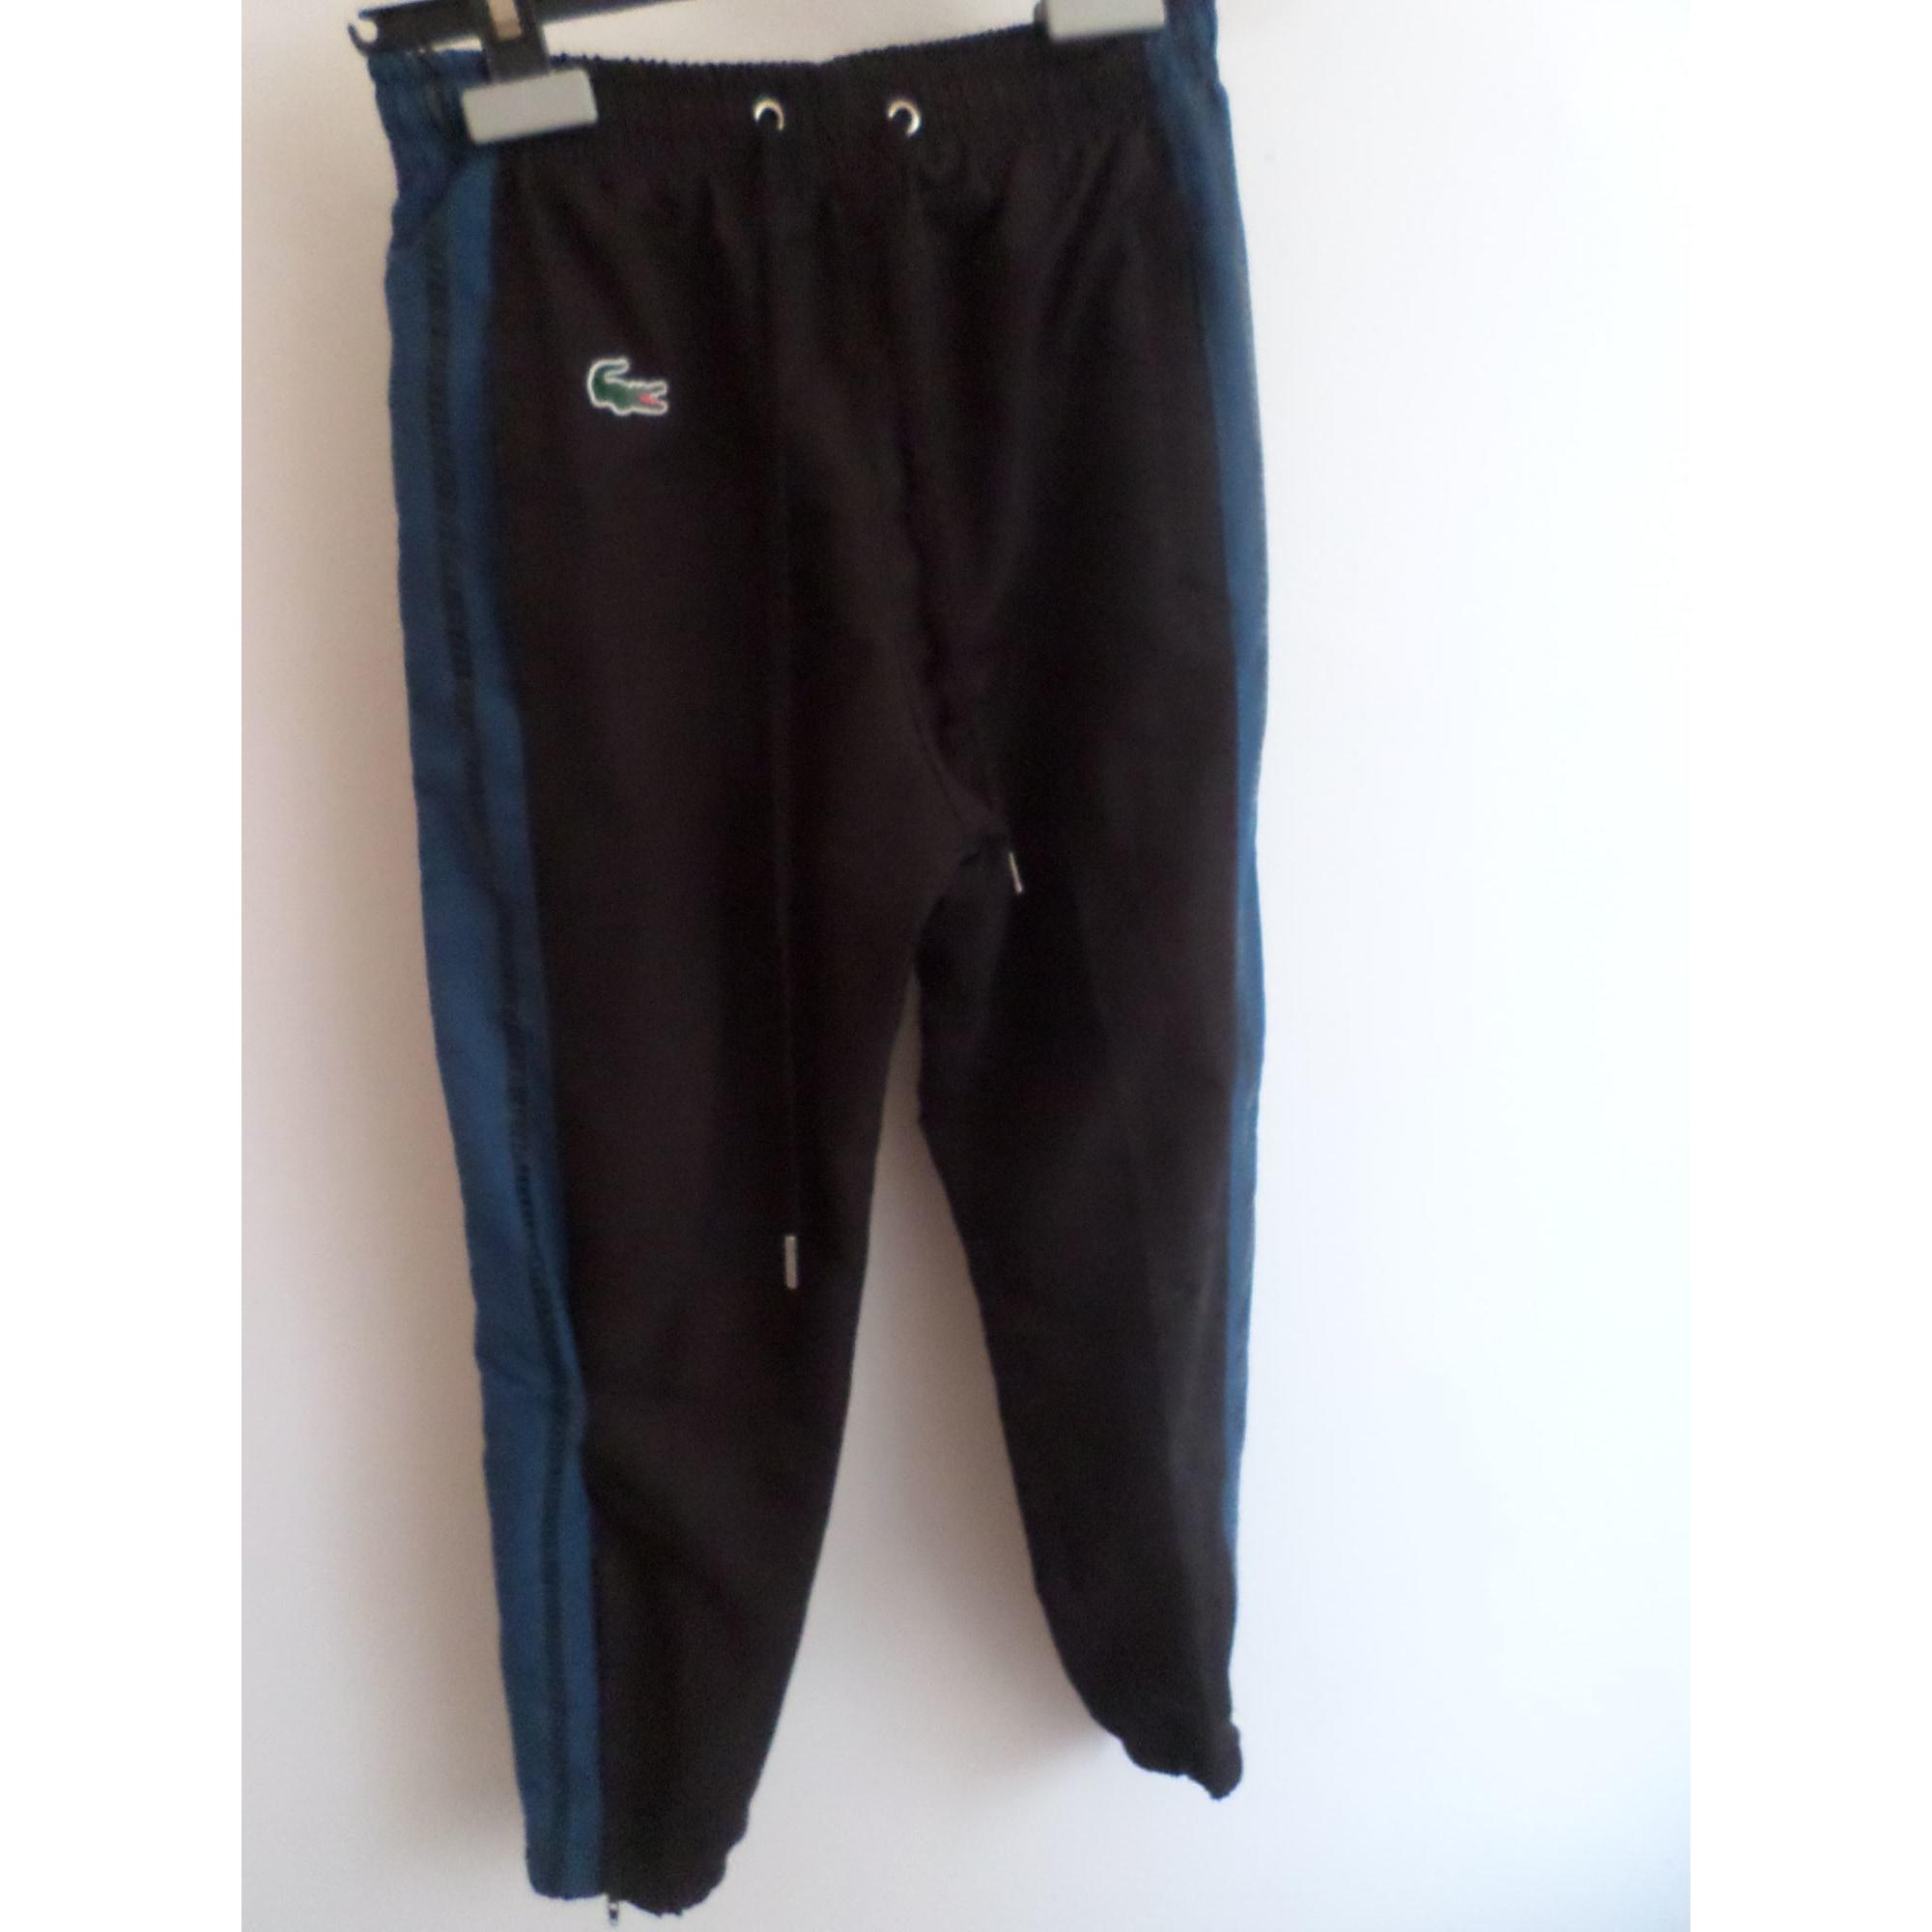 979af83ee4 Pantalon de survêtement LACOSTE Bleu, bleu marine, bleu turquoise